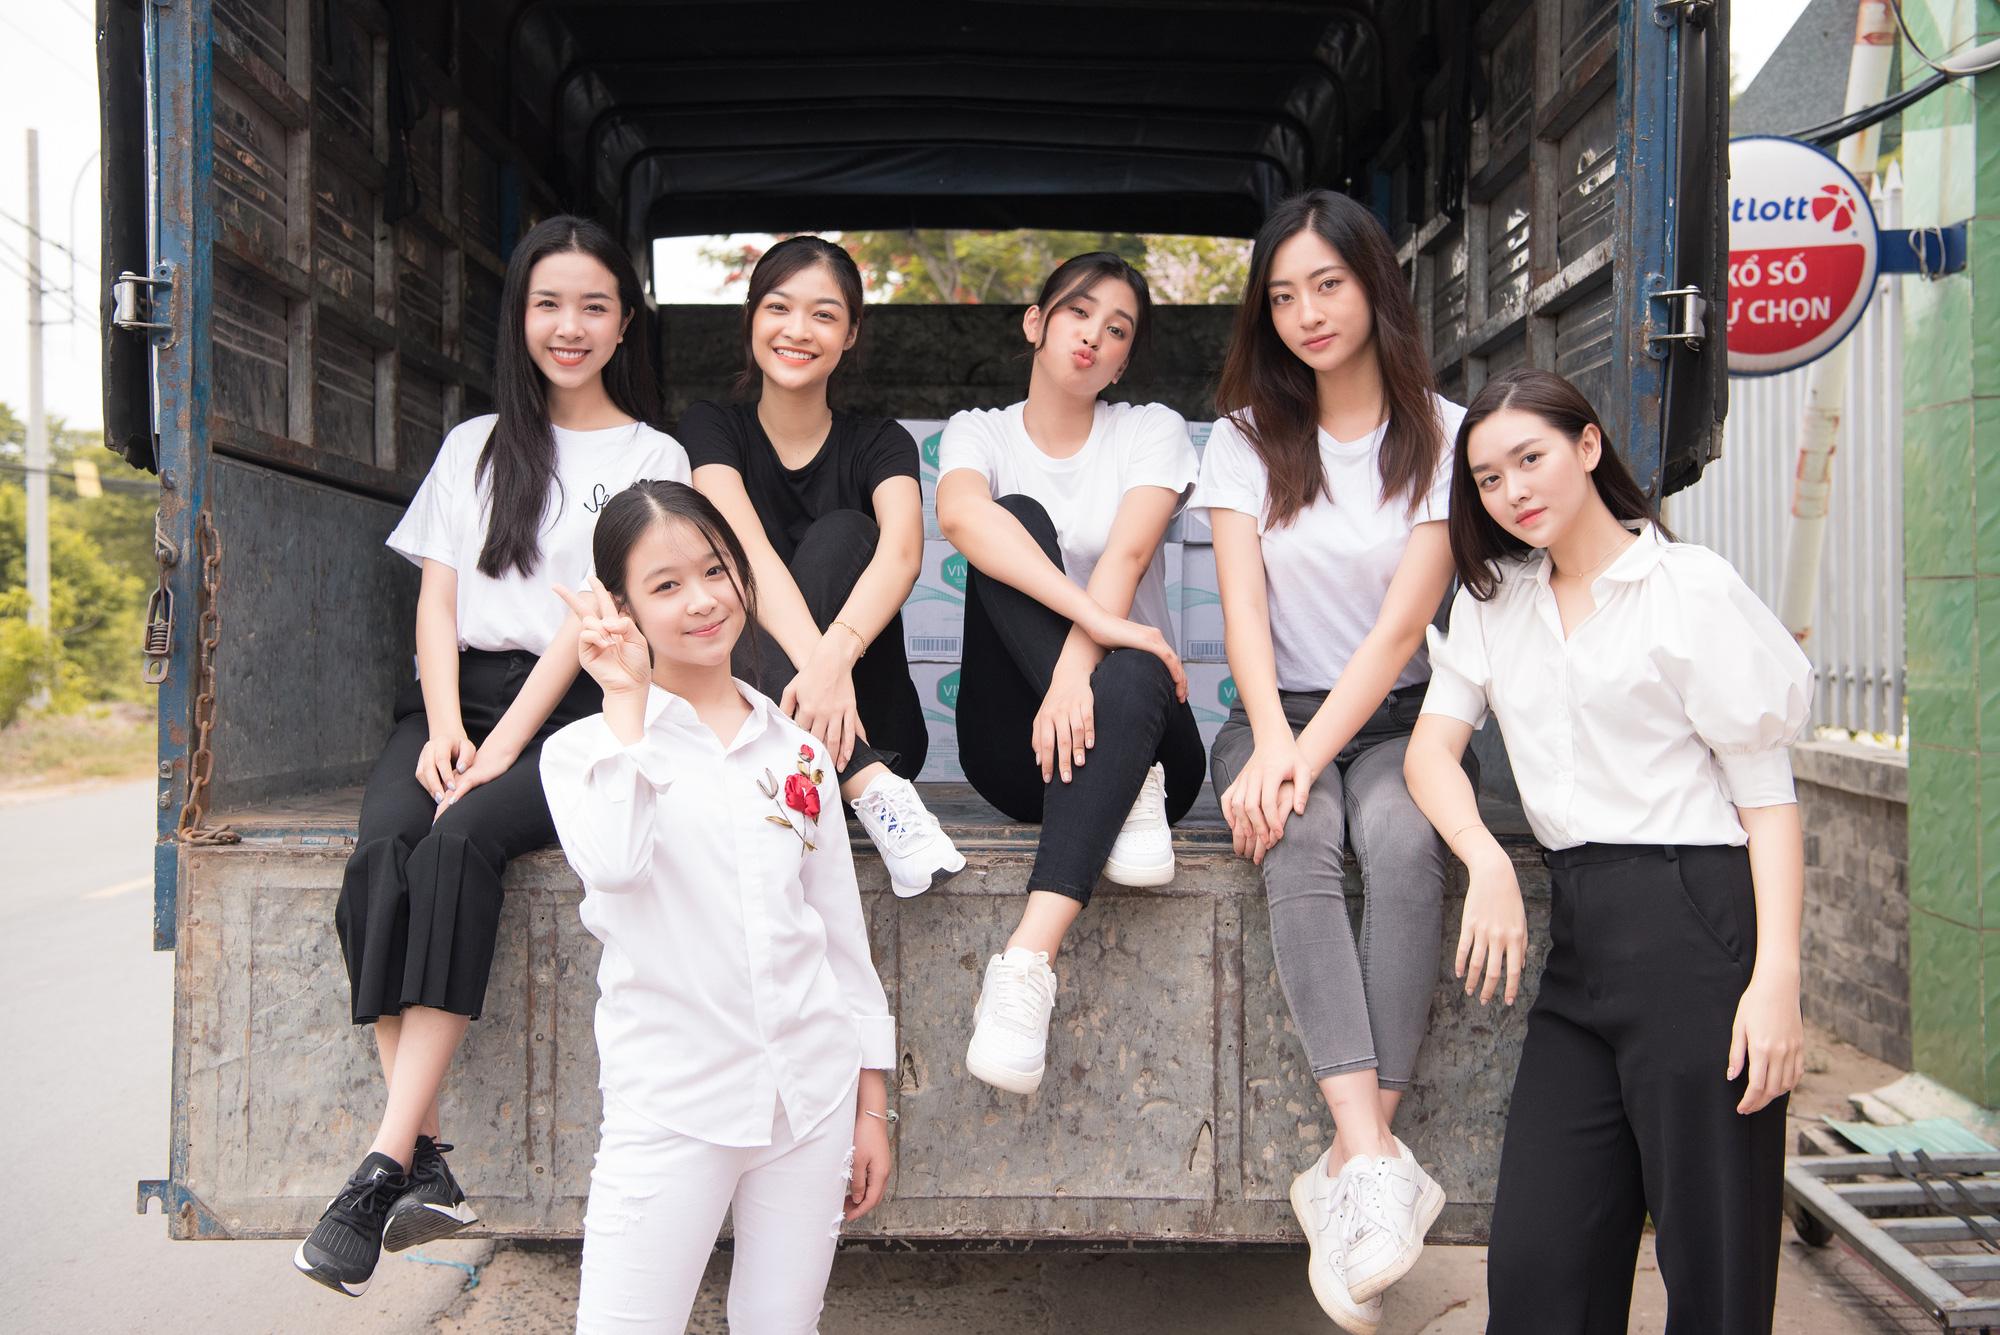 Lương Thuỳ Linh, Trần Tiểu Vy mặc giản dị xinh đẹp tặng quà cho trẻ em mồ côi ngày Quốc tế Thiếu nhi - Ảnh 2.